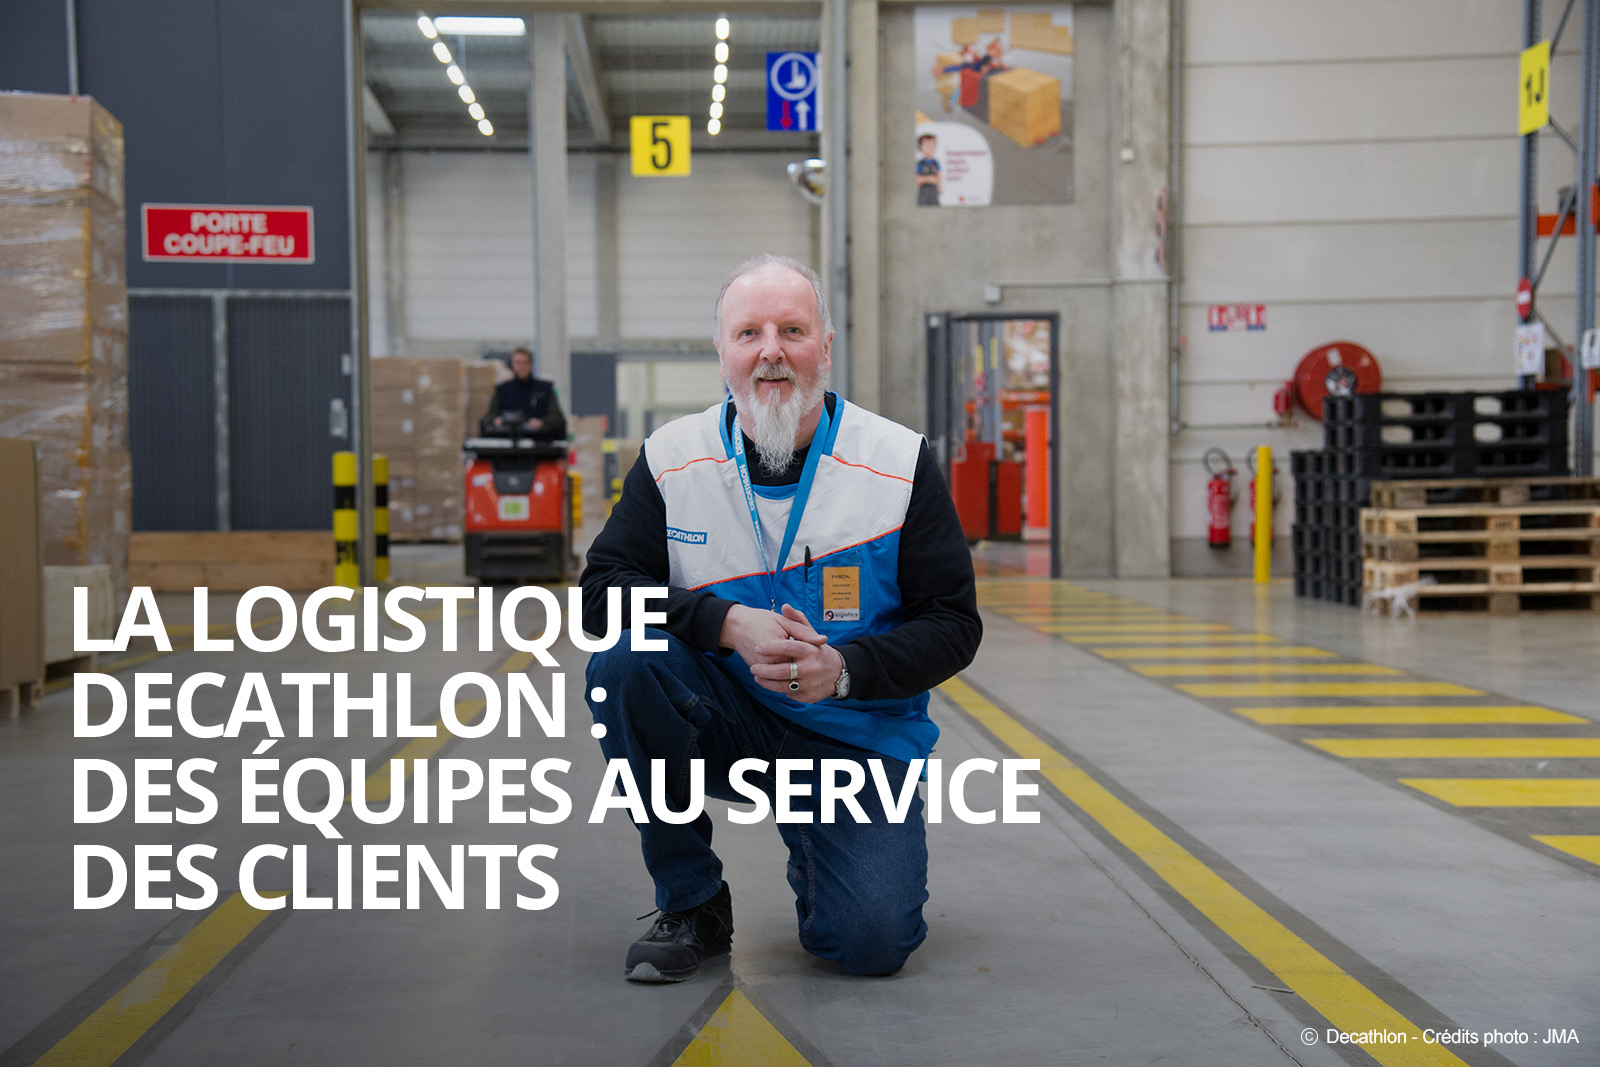 La logistique : des équipes au service des clients